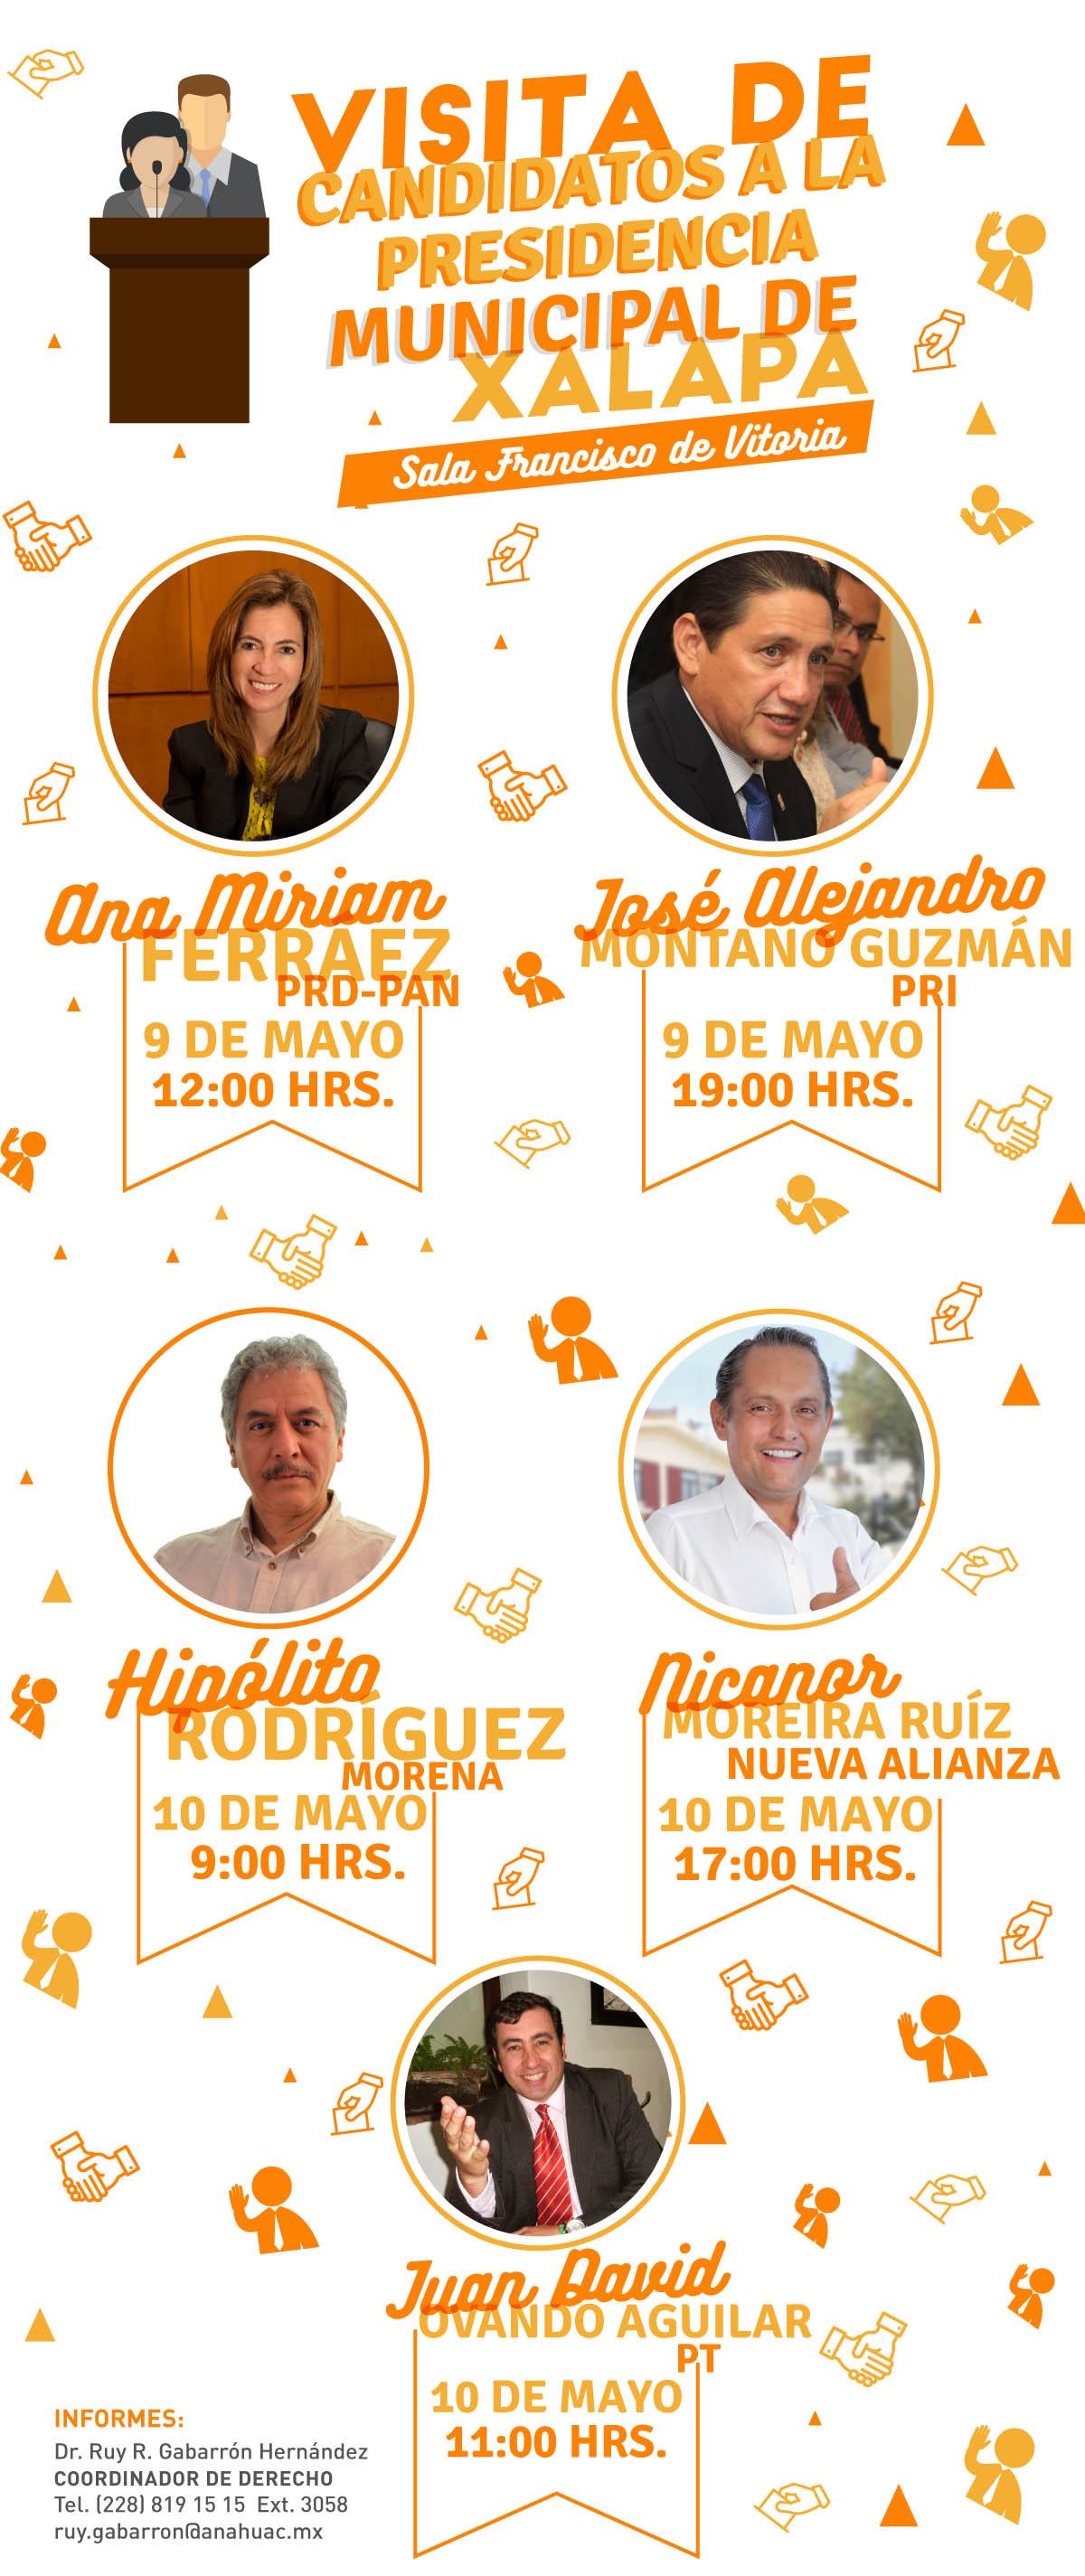 Visita de Candidatos a la Presidencia Municipal de Xalapa